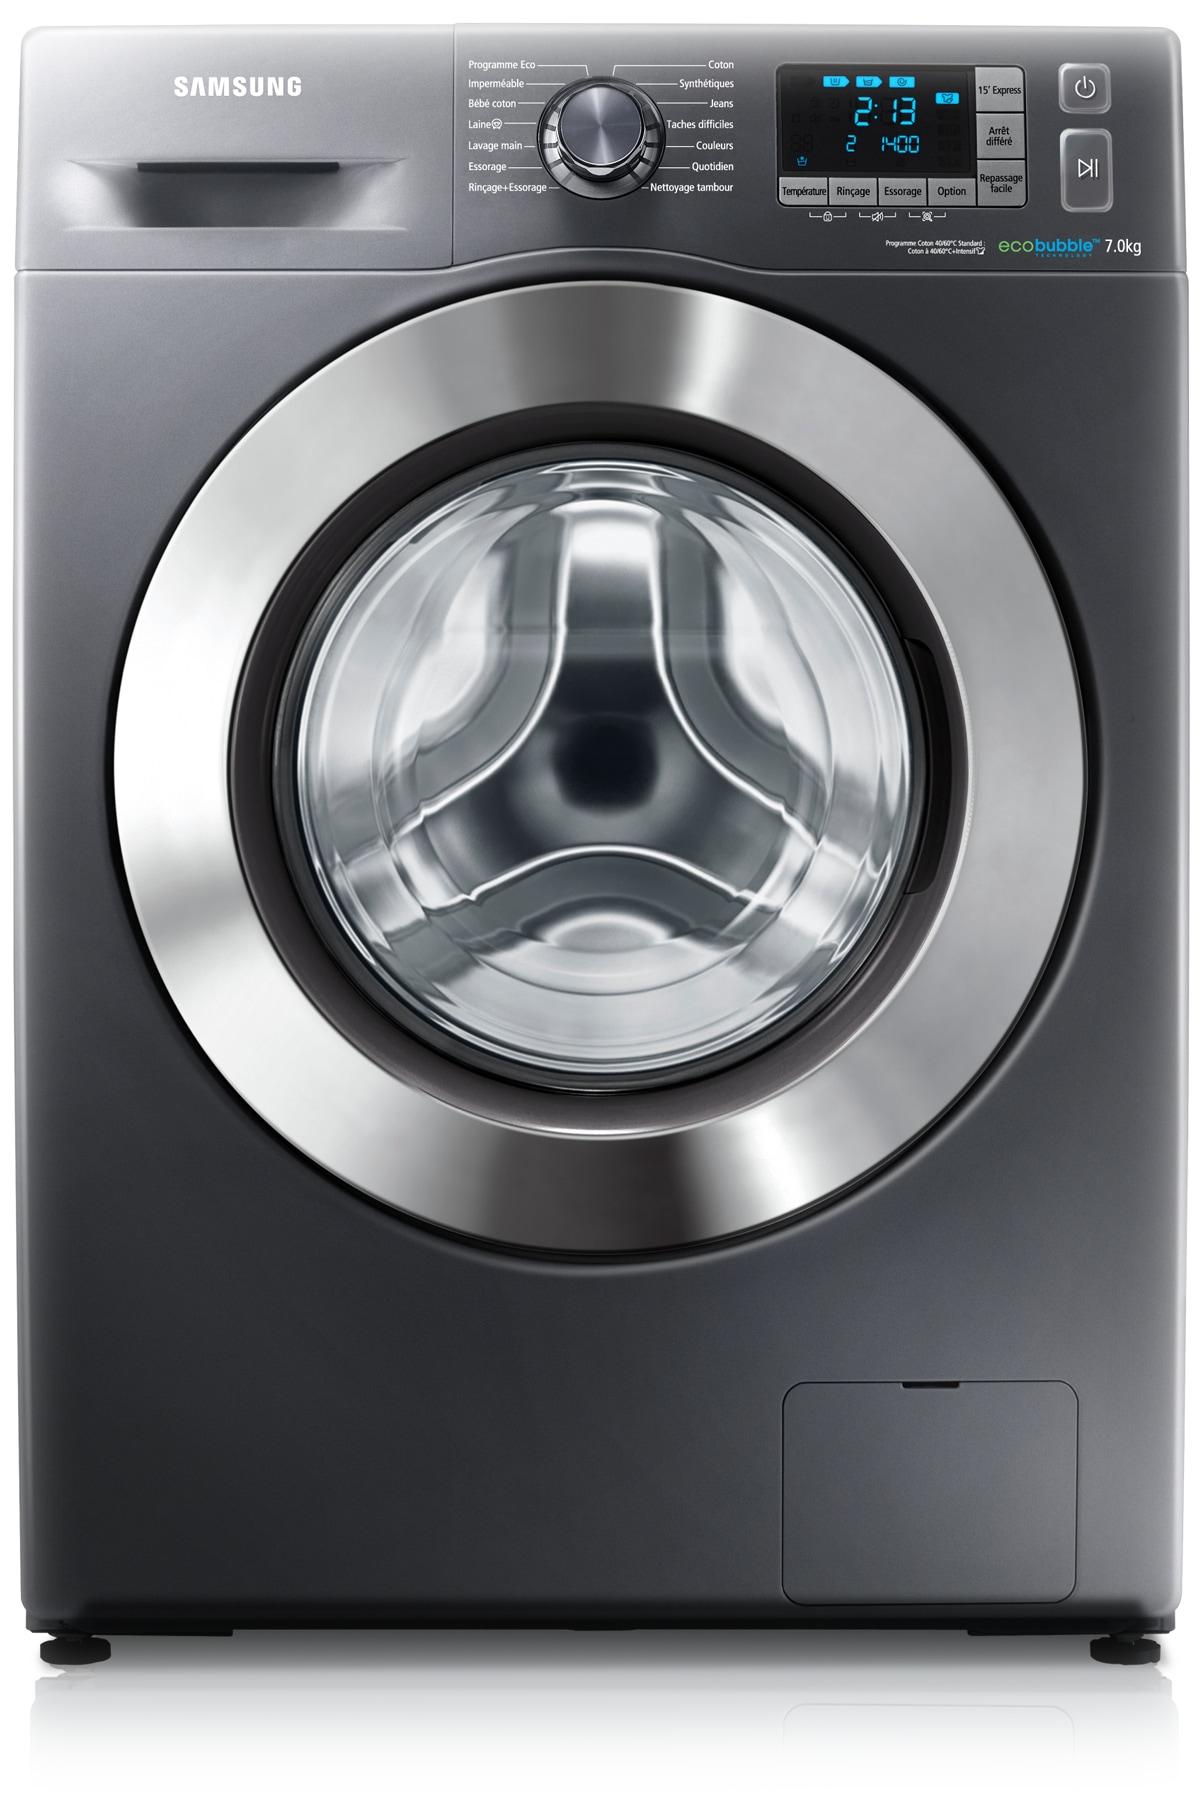 Lave Linge Couleur Gris lave-linge eco bubble metal grey, 7kg, wf70f5e5w4x - samsung